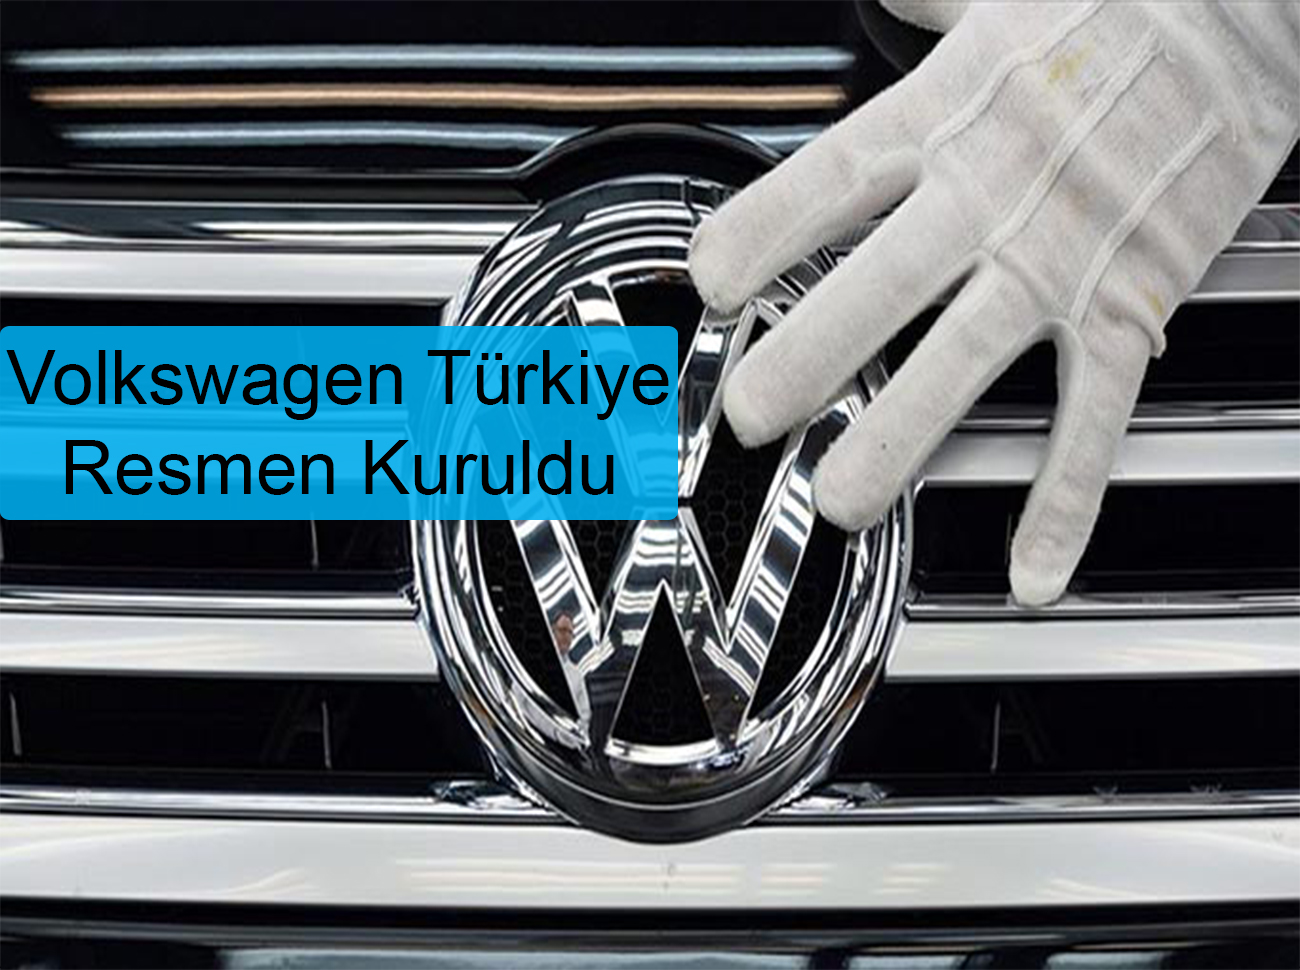 Volkswagen Türkiye Kuruldu